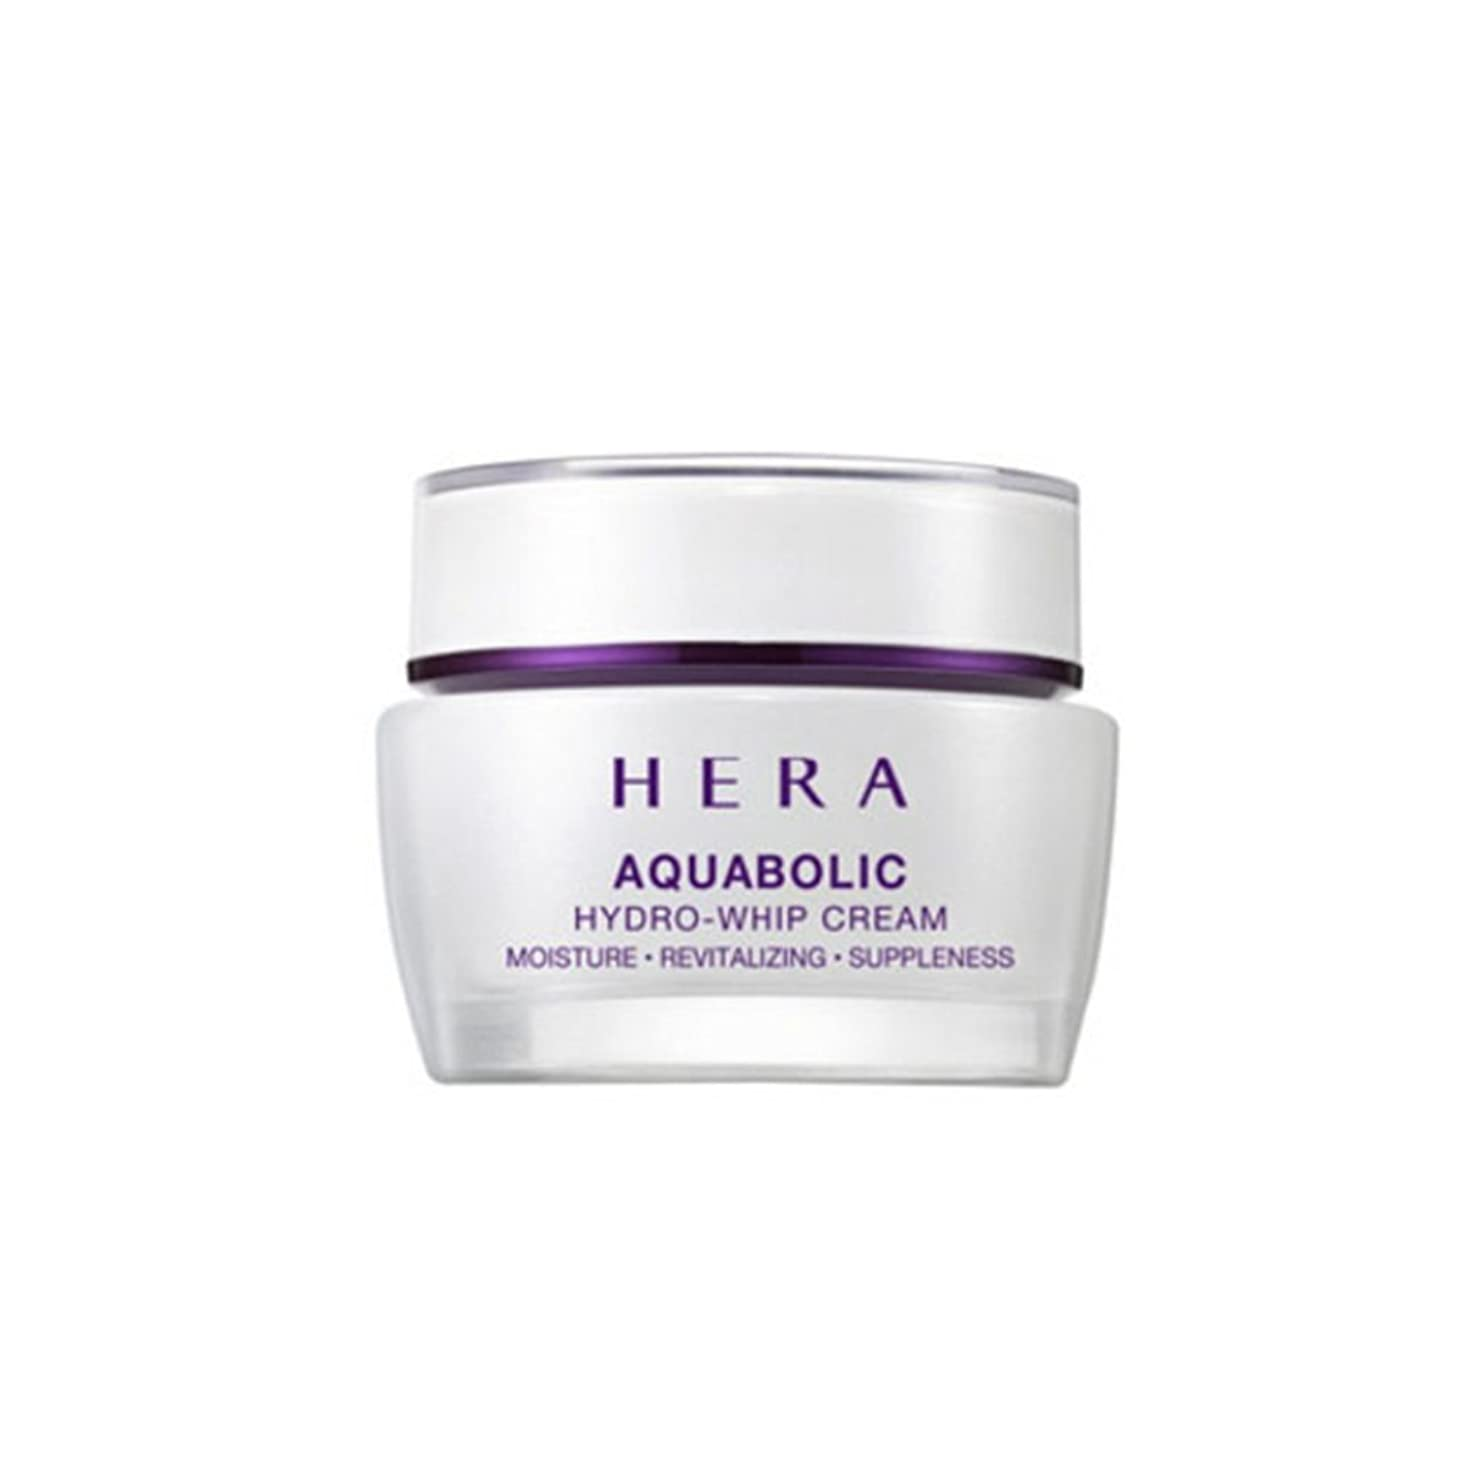 過度にアンティークセンサー(ヘラ) HERA Aquabolic Hydro-Whip Cream アクアボリックハイドロホイップ クリーム (韓国直発送) oopspanda